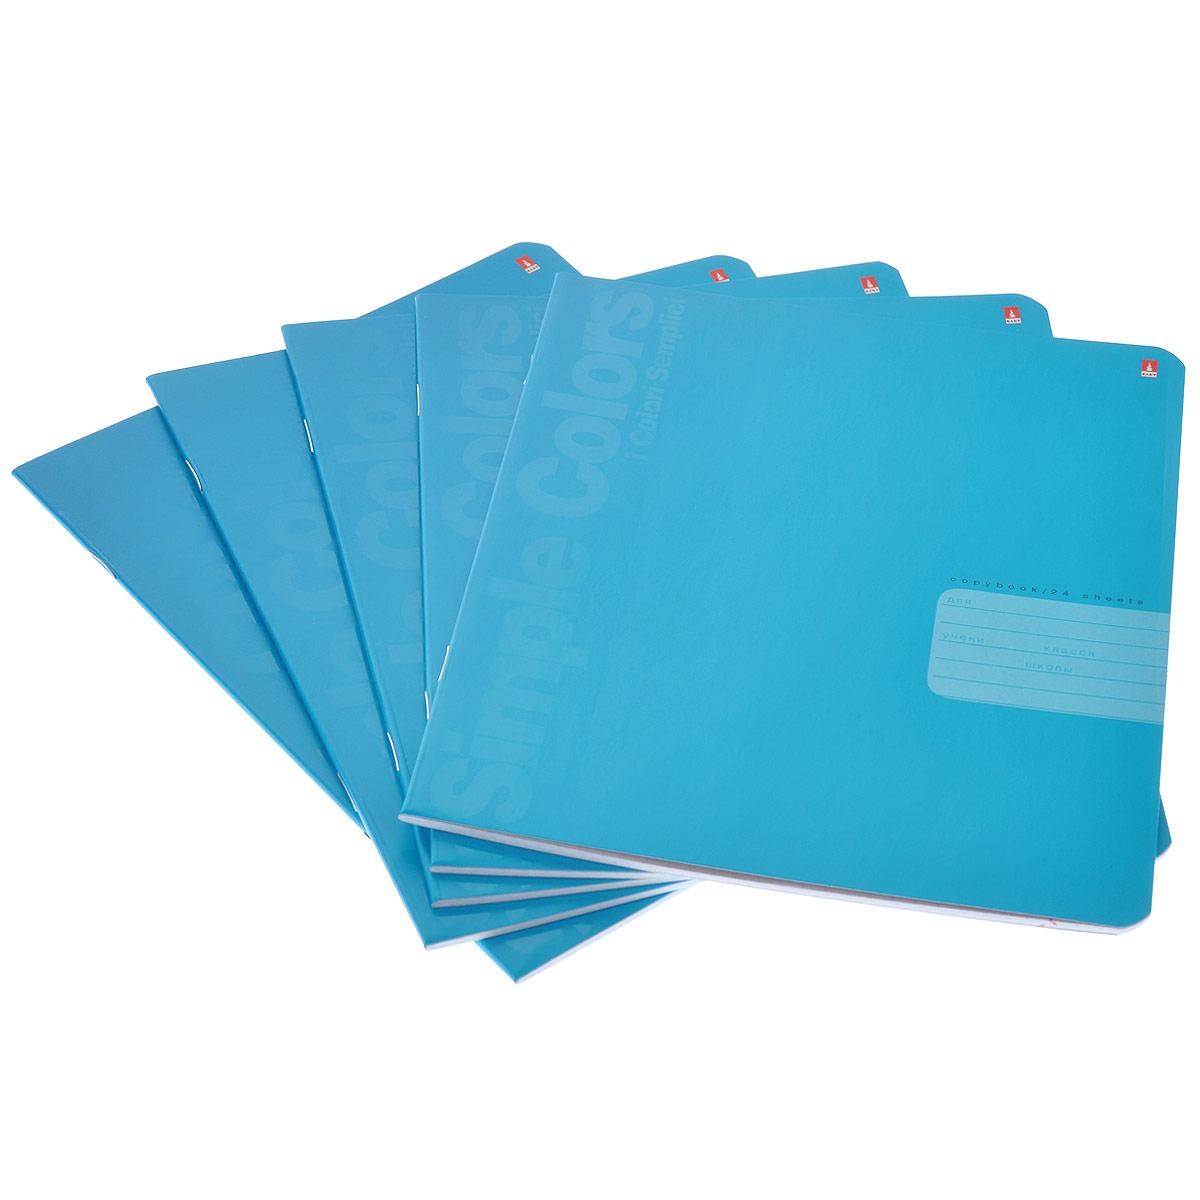 Набор тетрадей Альт Простые цвета, цвет: голубой, 5 шт7-24-773/1 голубойТетради из набора Альт Простые цвета идеально подойдут для занятий школьнику или студенту. Обложки, выполненные из яркого мелованного картона, позволят сохранить тетради в аккуратном состоянии на протяжении всего времени использования. Лицевая сторона оформлена двумя вертикальными надписями: Simple Colors и i Colori Semplici. Внутренний блок состоит из 24 листов белой бумаги в синюю клетку. Комплект включает в себя 5 тетрадей.